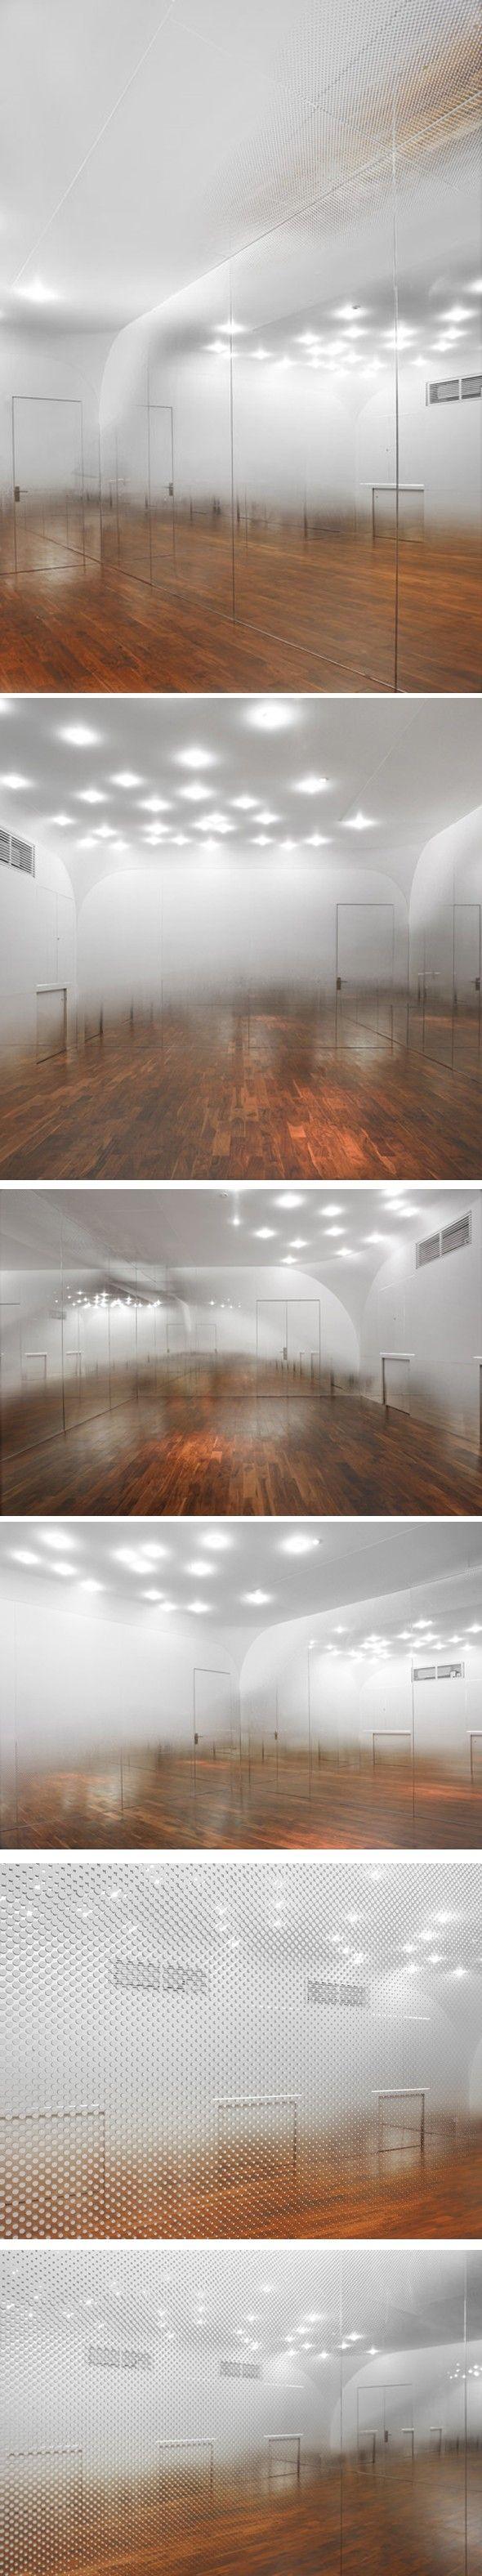 ANZAS Dance Studio par Tsutsumi et Associates - Journal du Design                                                                                                                                                                                 More